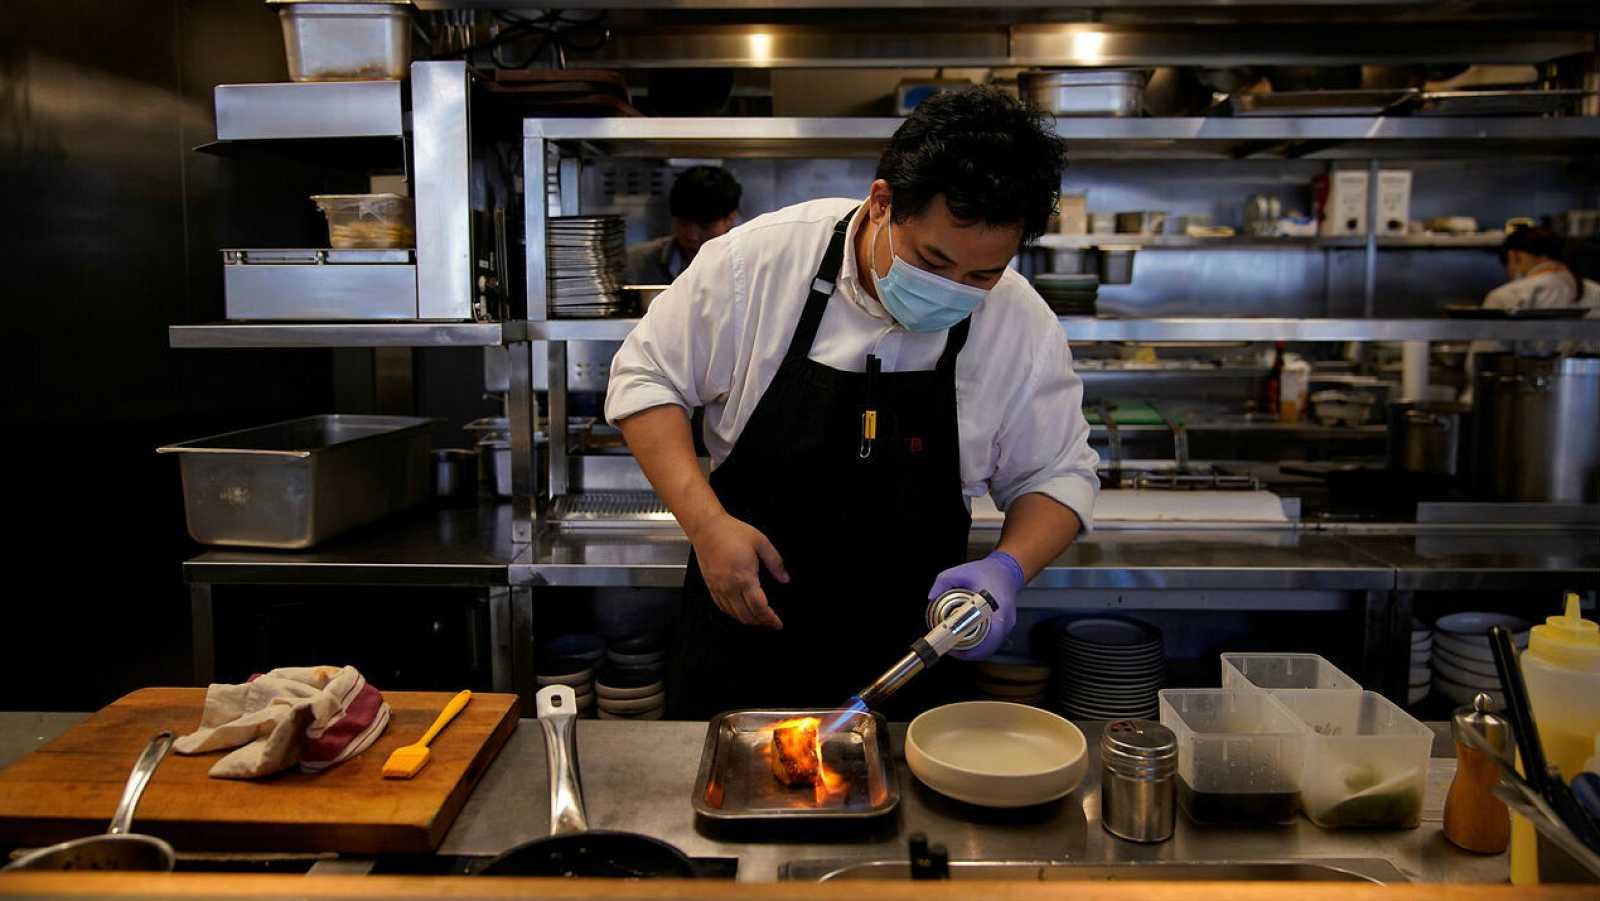 Un chef prepara un bacalao congelado en un restaurante de Shanghái, China.